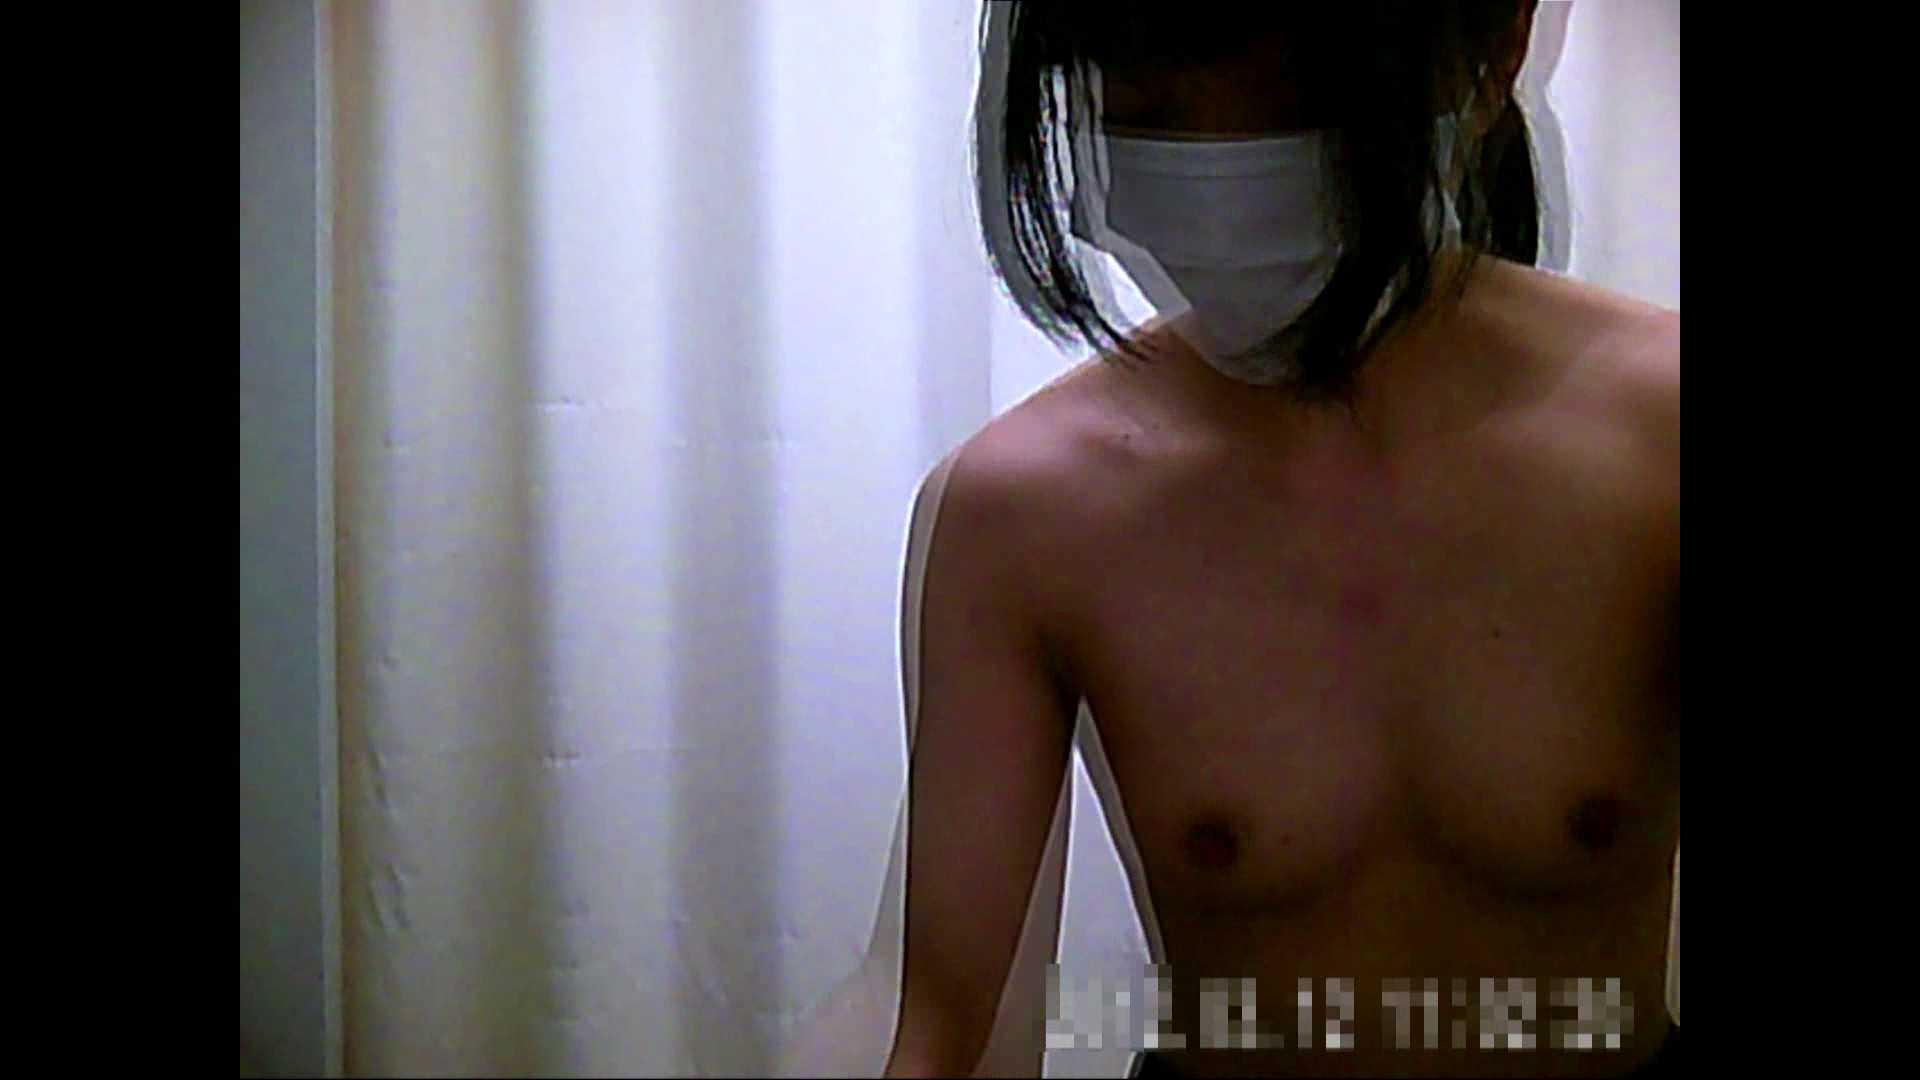 元医者による反抗 更衣室地獄絵巻 vol.028 アラ30 AV動画キャプチャ 105枚 59